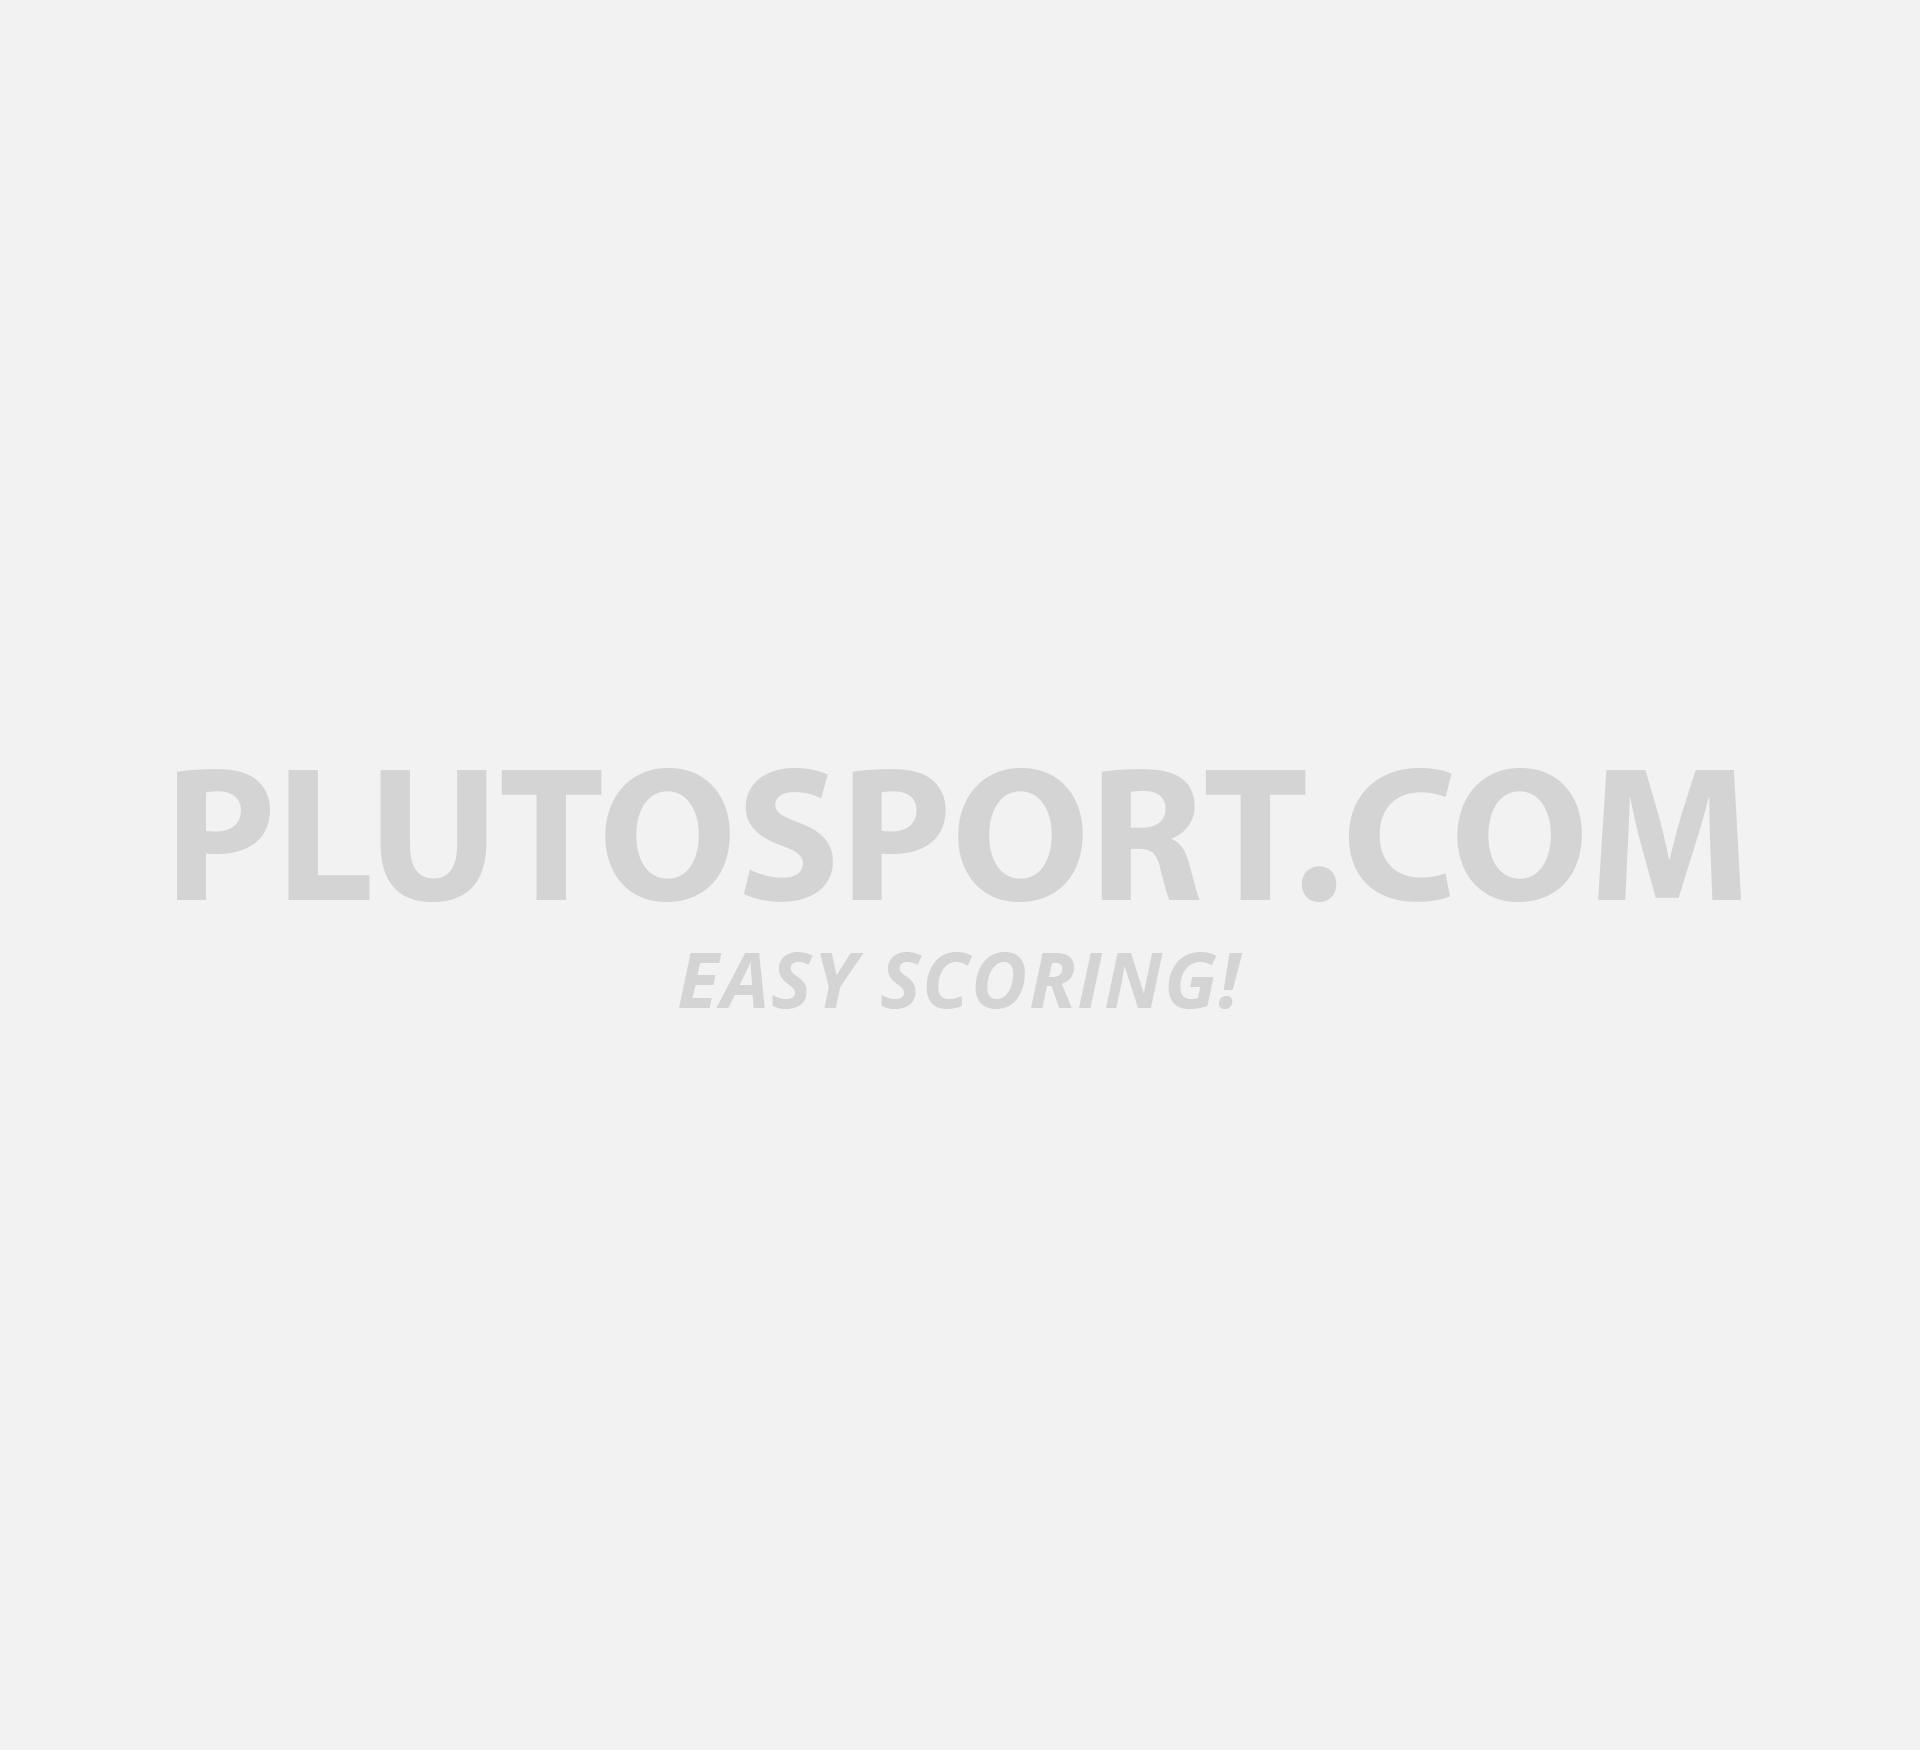 7b93e4910a1 Adidas Judopak J200 Evo Junior - Clothing - Clothing - Martial Arts -  Sports | Plutosport